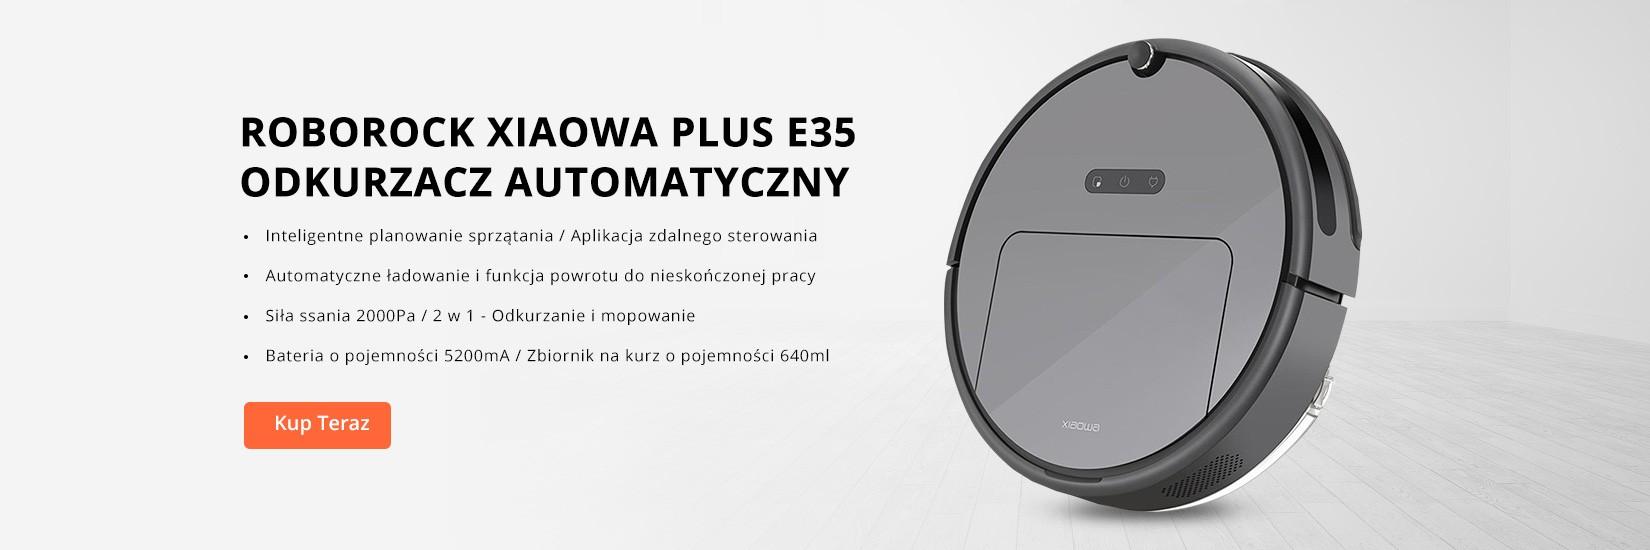 Xiaowa Plus E35